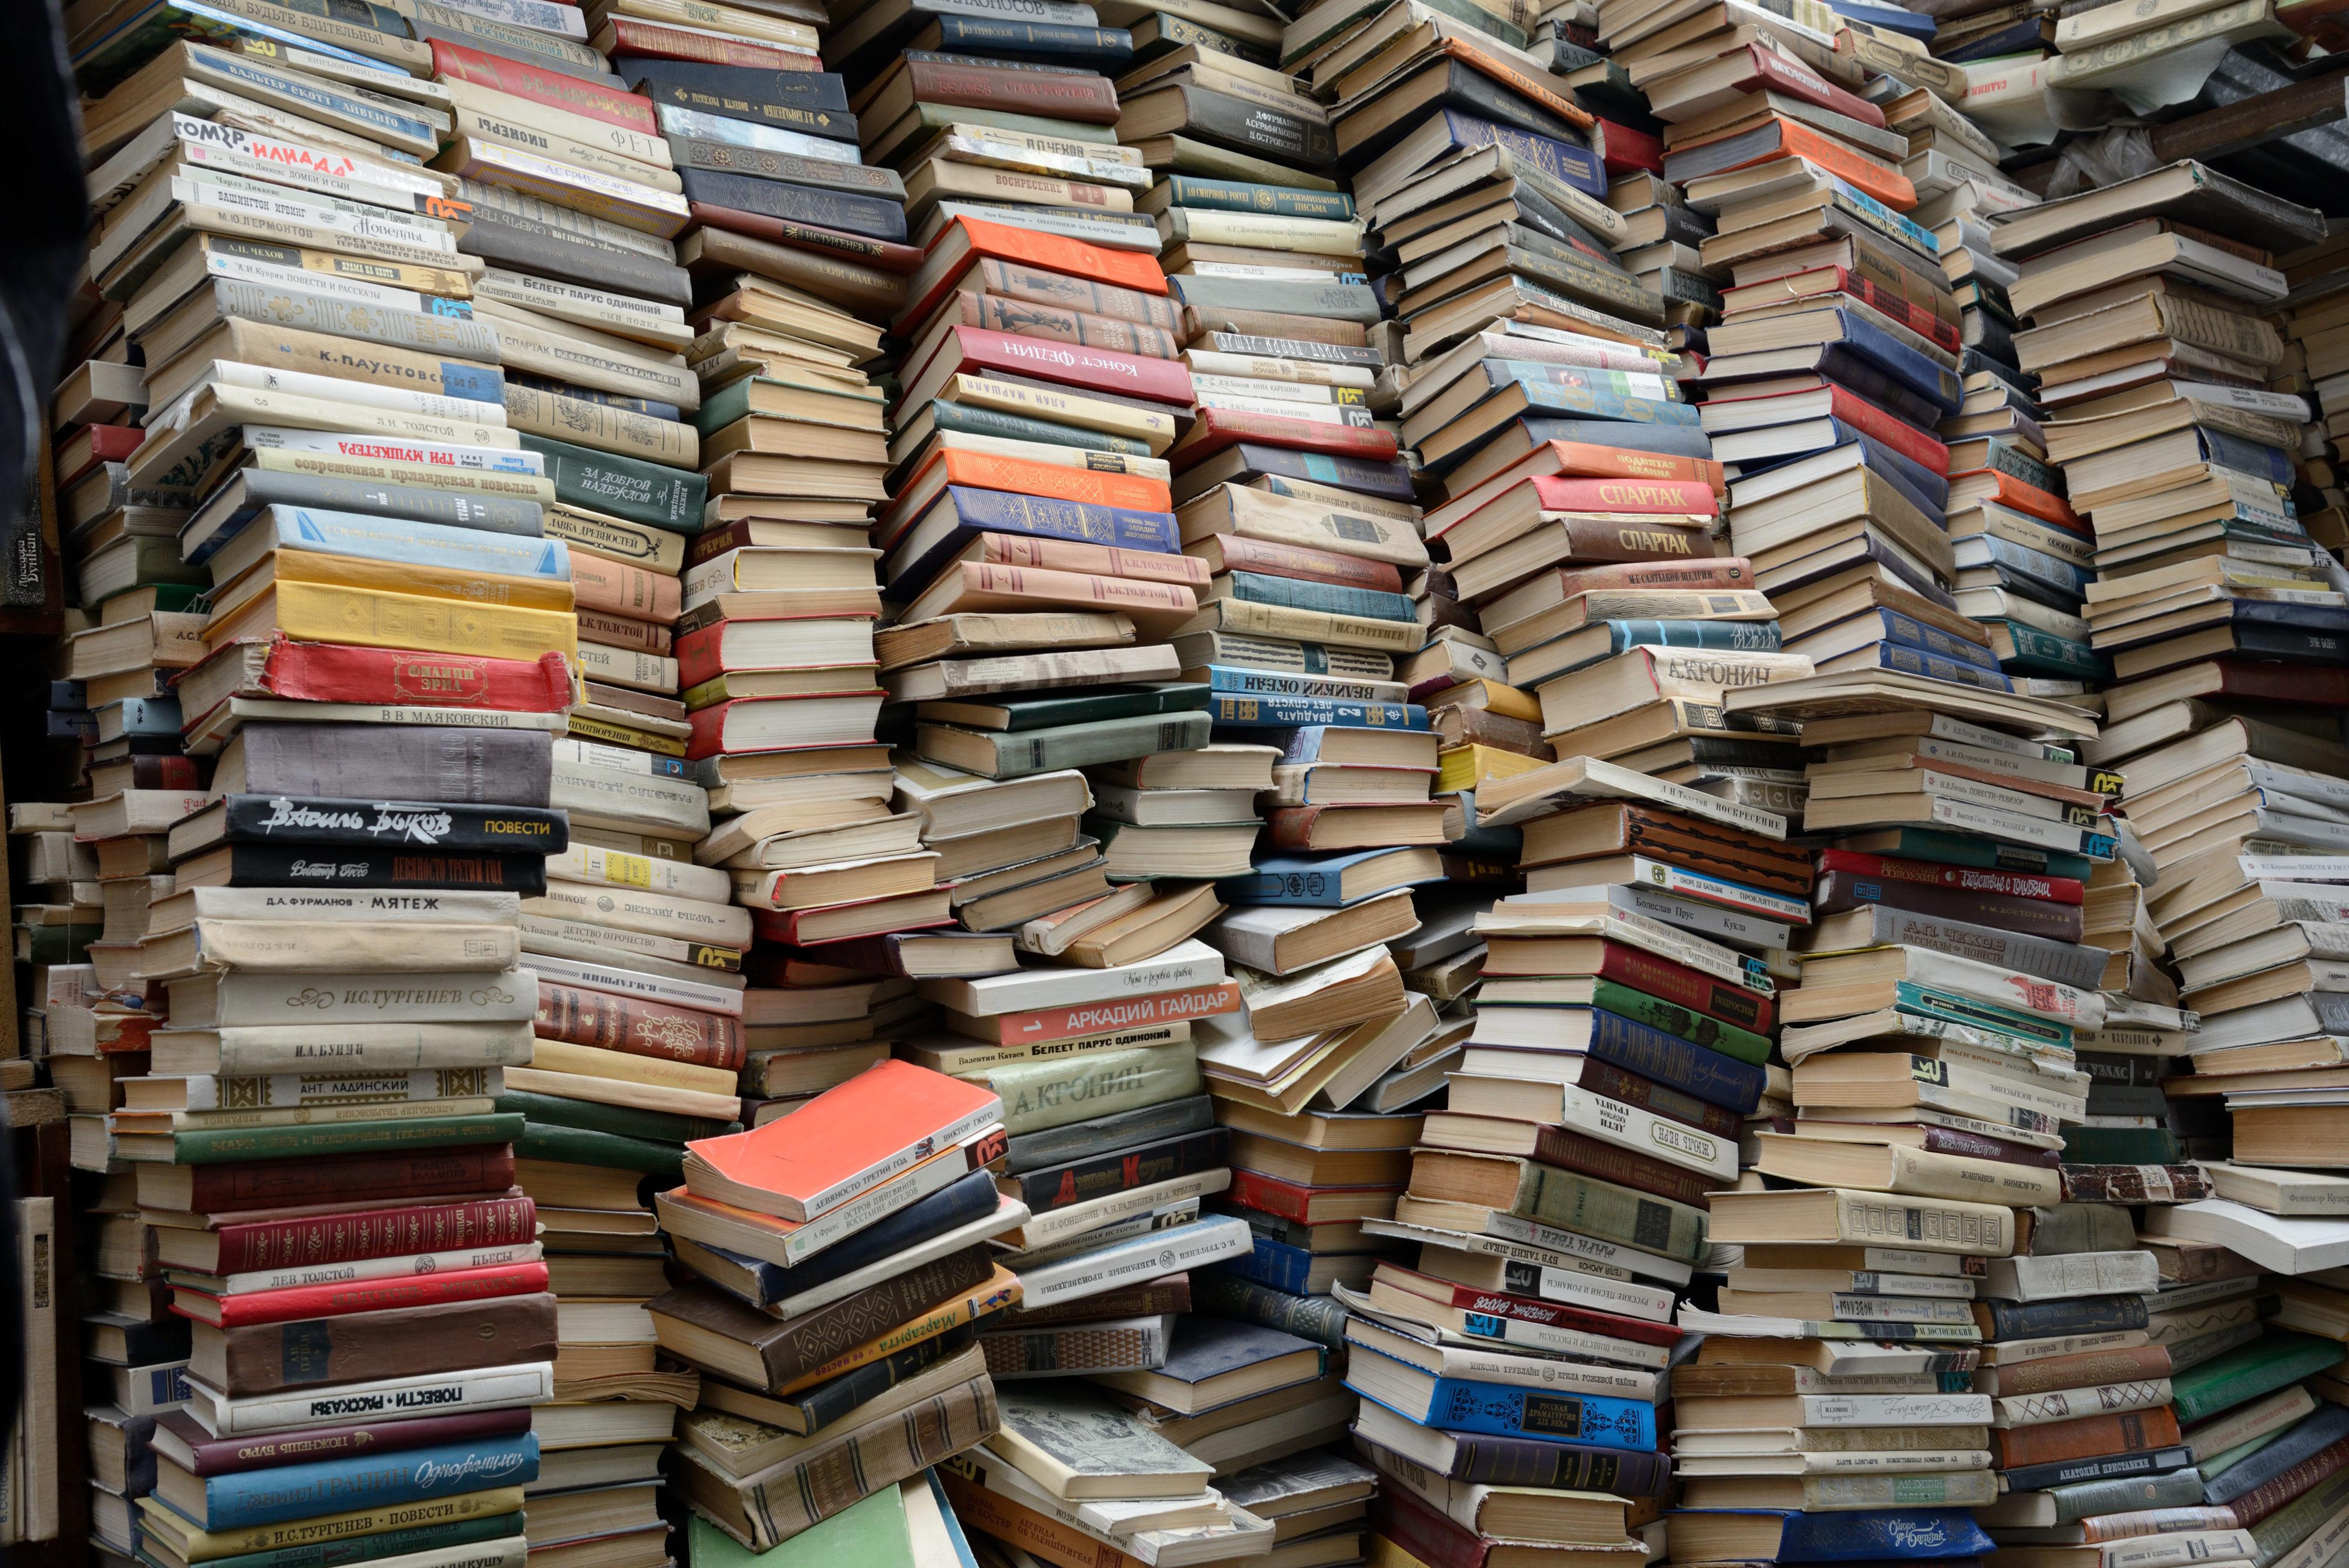 vacature boekhandel utrecht